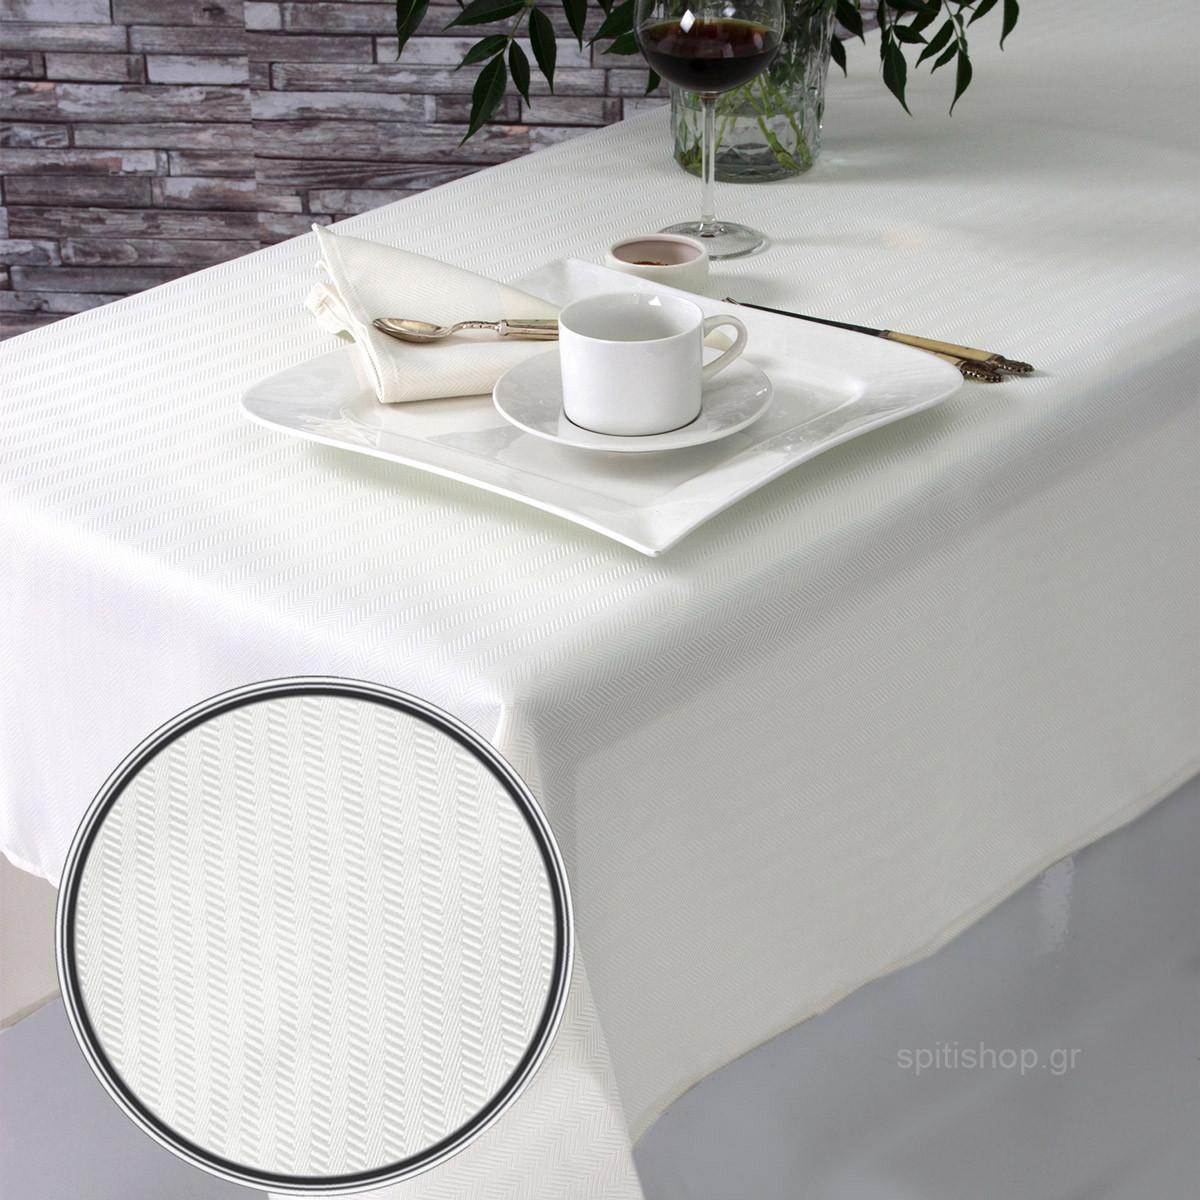 Πετσέτες Φαγητού (Σετ 2τμχ) Sb Home Imprint Cream